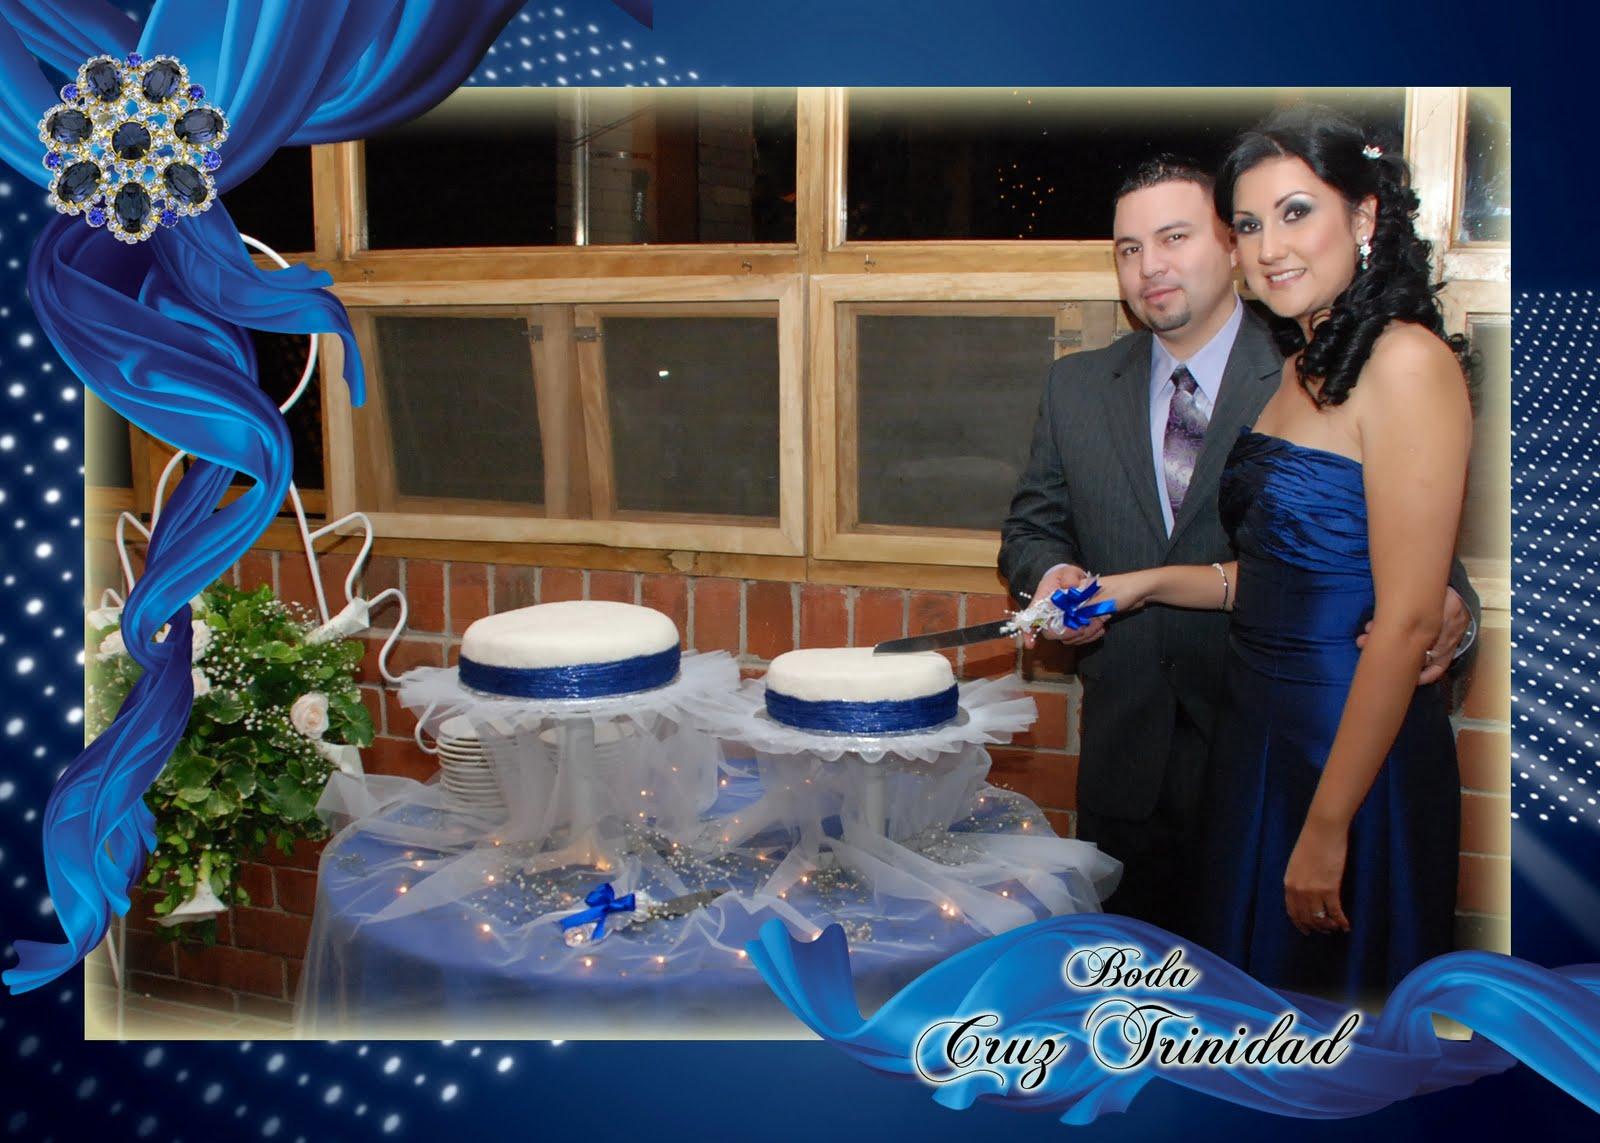 Bordes de fotografa para boda en color azul car interior - Cama mamut ikea ...